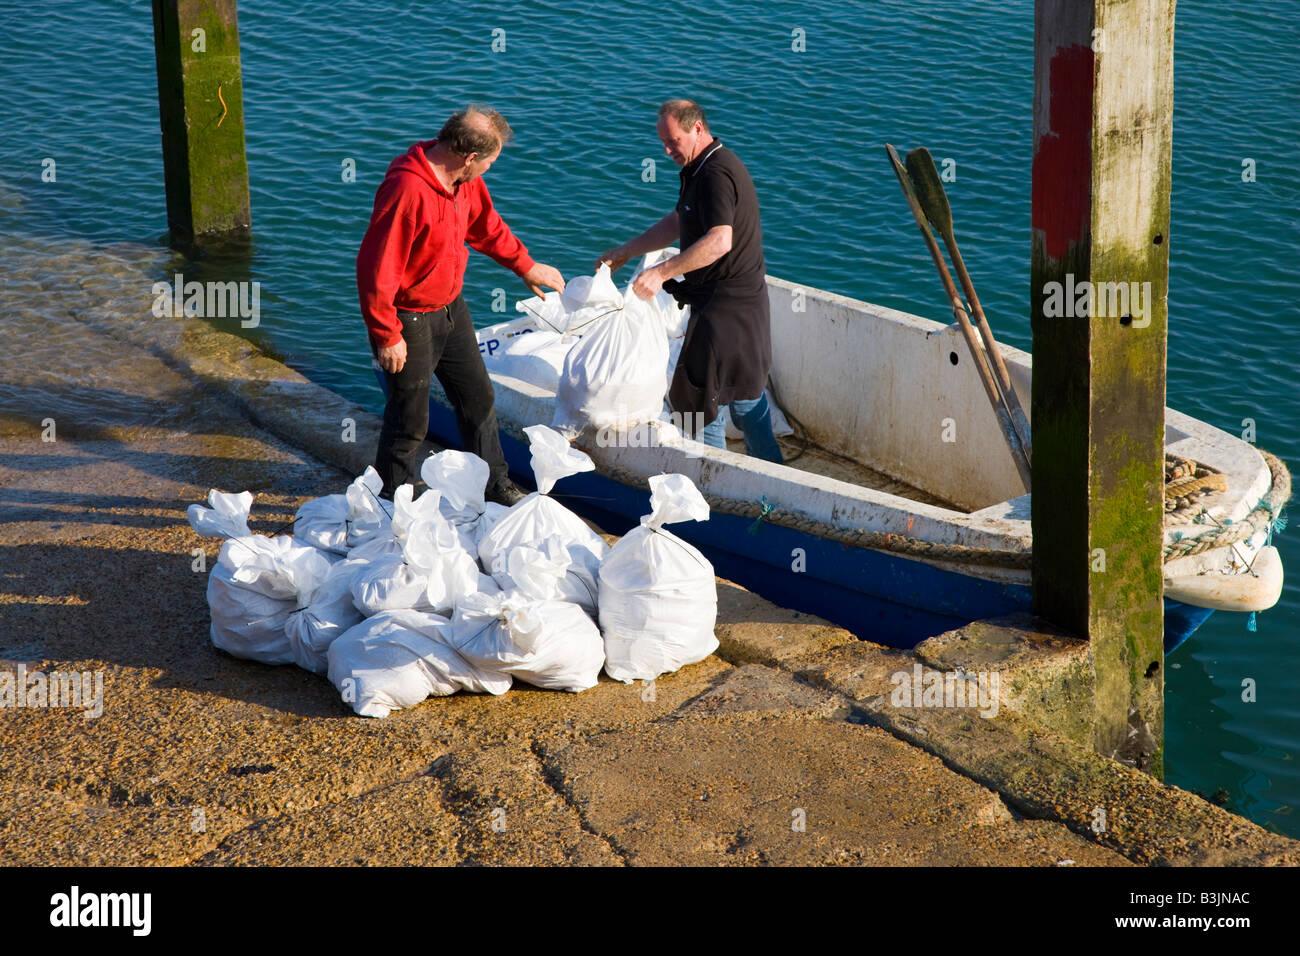 Fishermen unloading sacks of shellfish from their boat - Stock Image